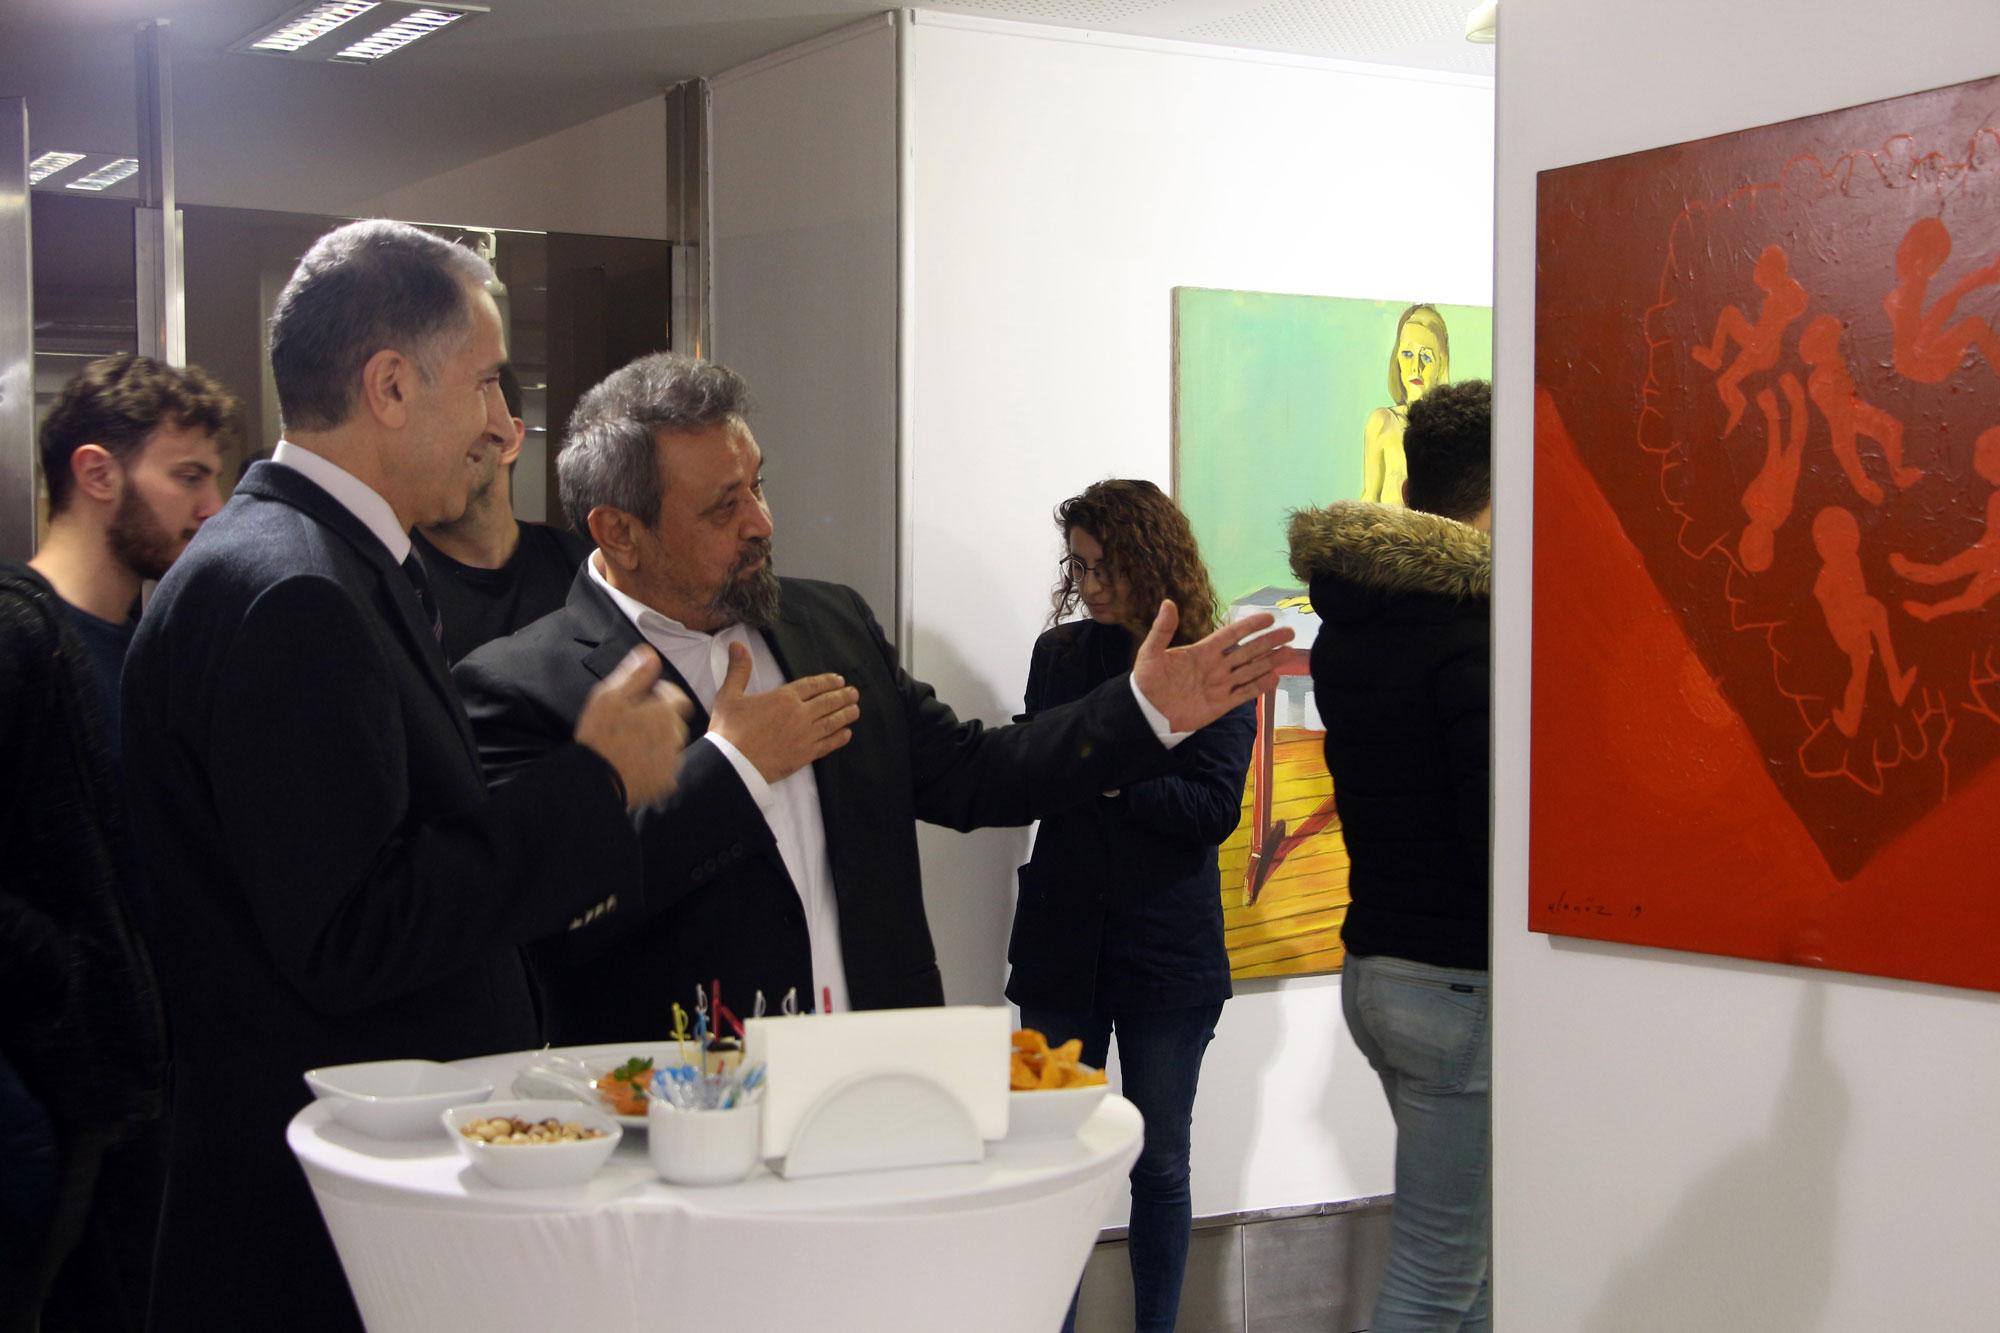 Akademisyen ve Sanatçı Prof. Mehmet Alagöz'ün 'göç' temalı sergisi İstanbul Kültür Üniversitesi'nde (İKÜ) ziyarete açıldı.